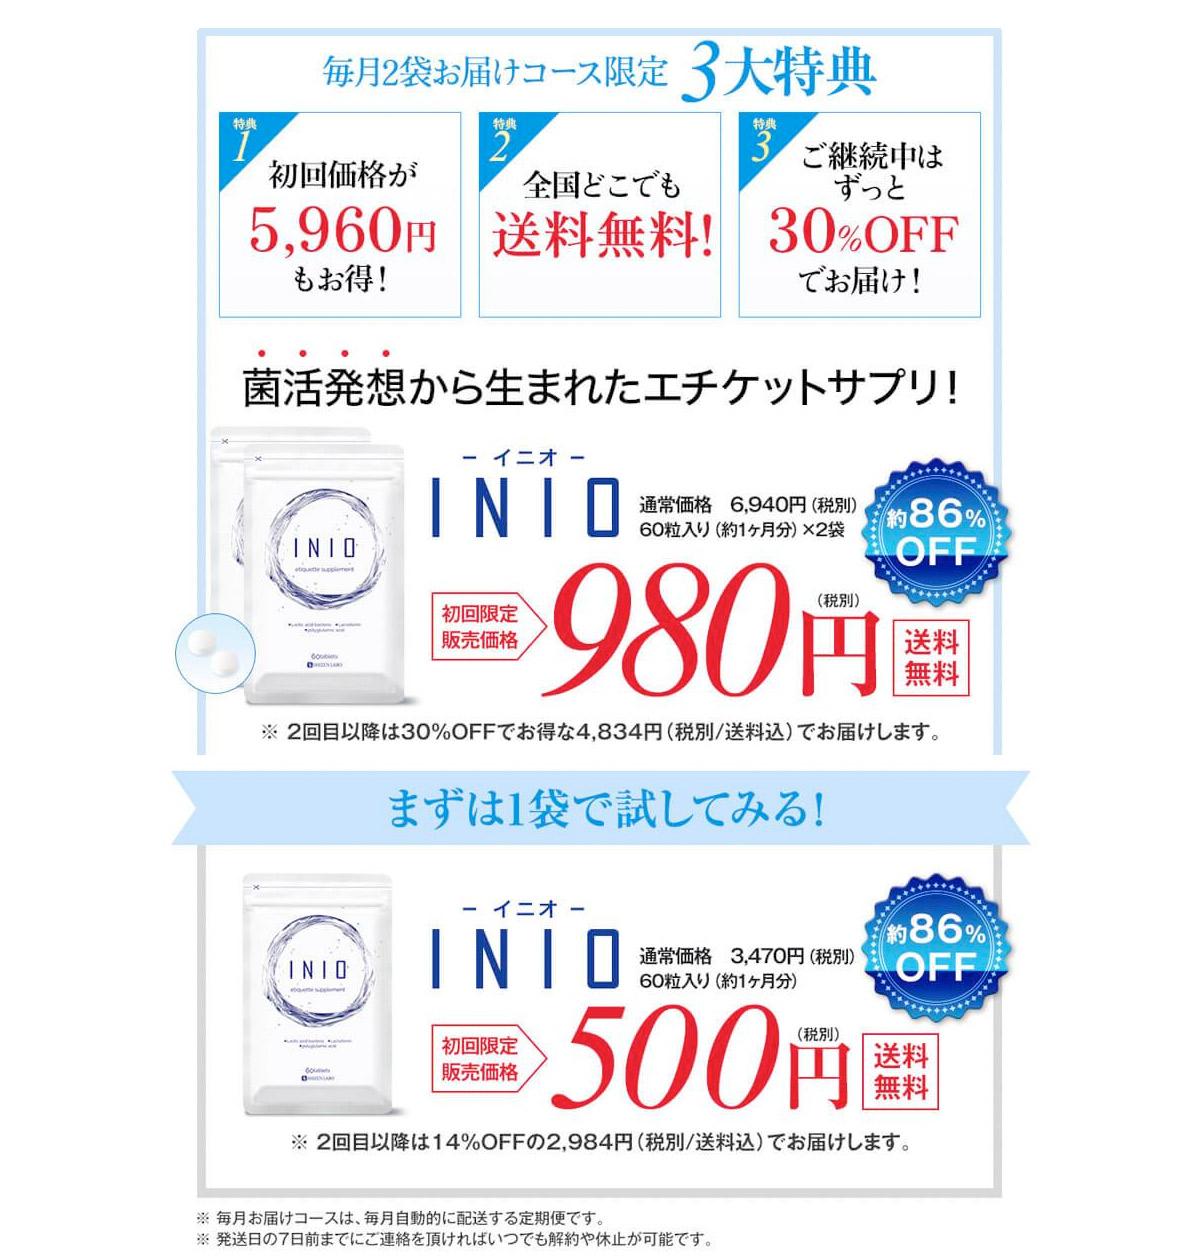 INIO(イニオ)の定価・定期購入価格